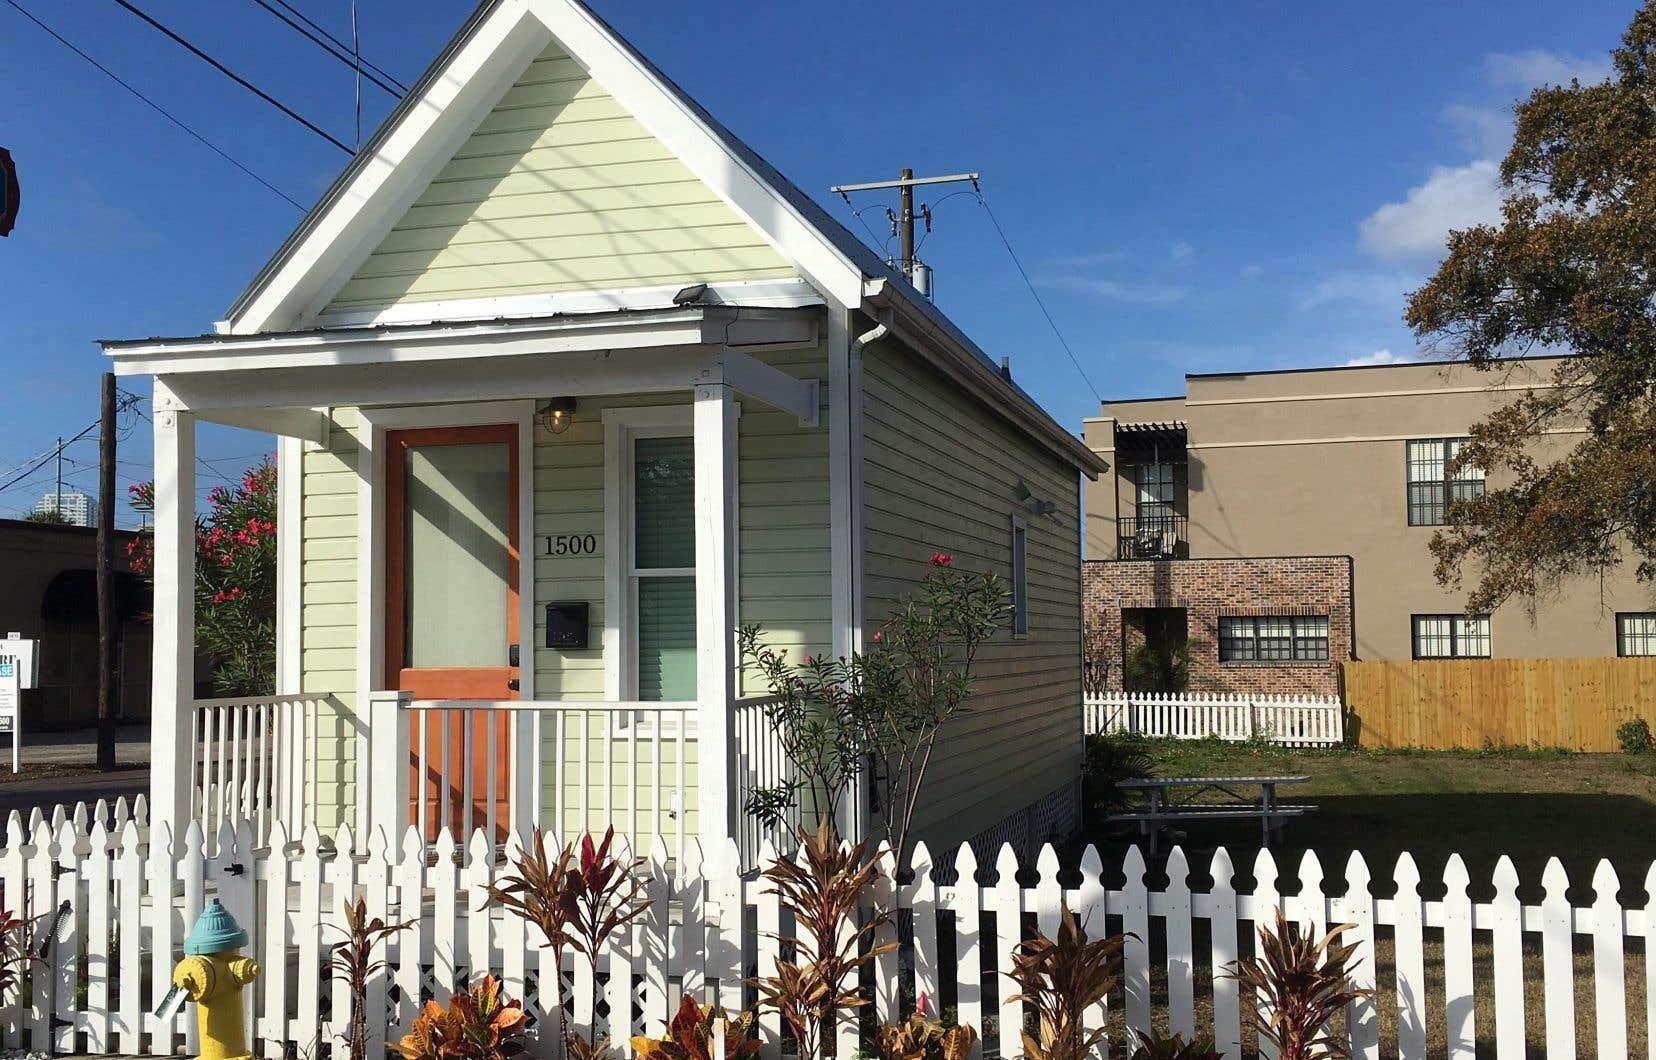 Une petite maison située à Ybor City, en Floride